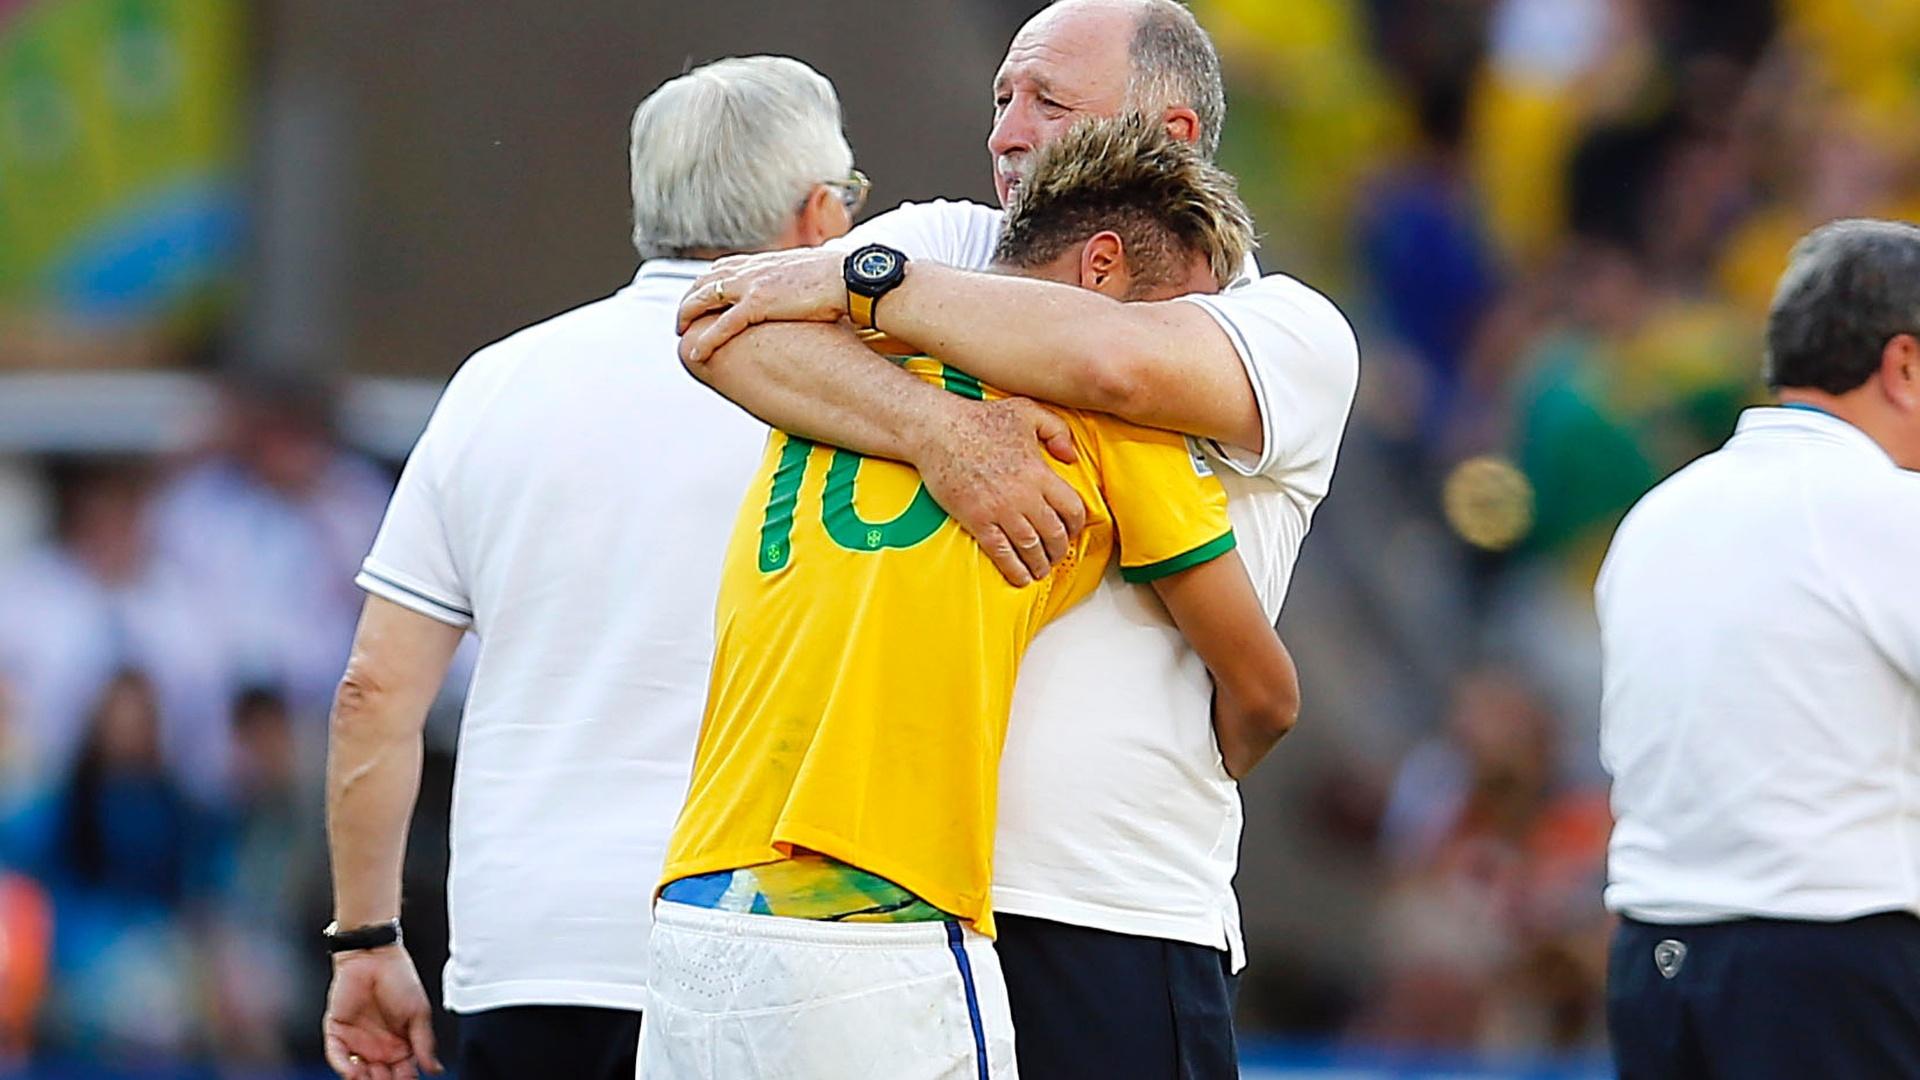 Emocionados, Felipão e Neymar se abraçam após a vitória dramática, nos pênaltis, da seleção contra o Chile, avançando às quartas de final